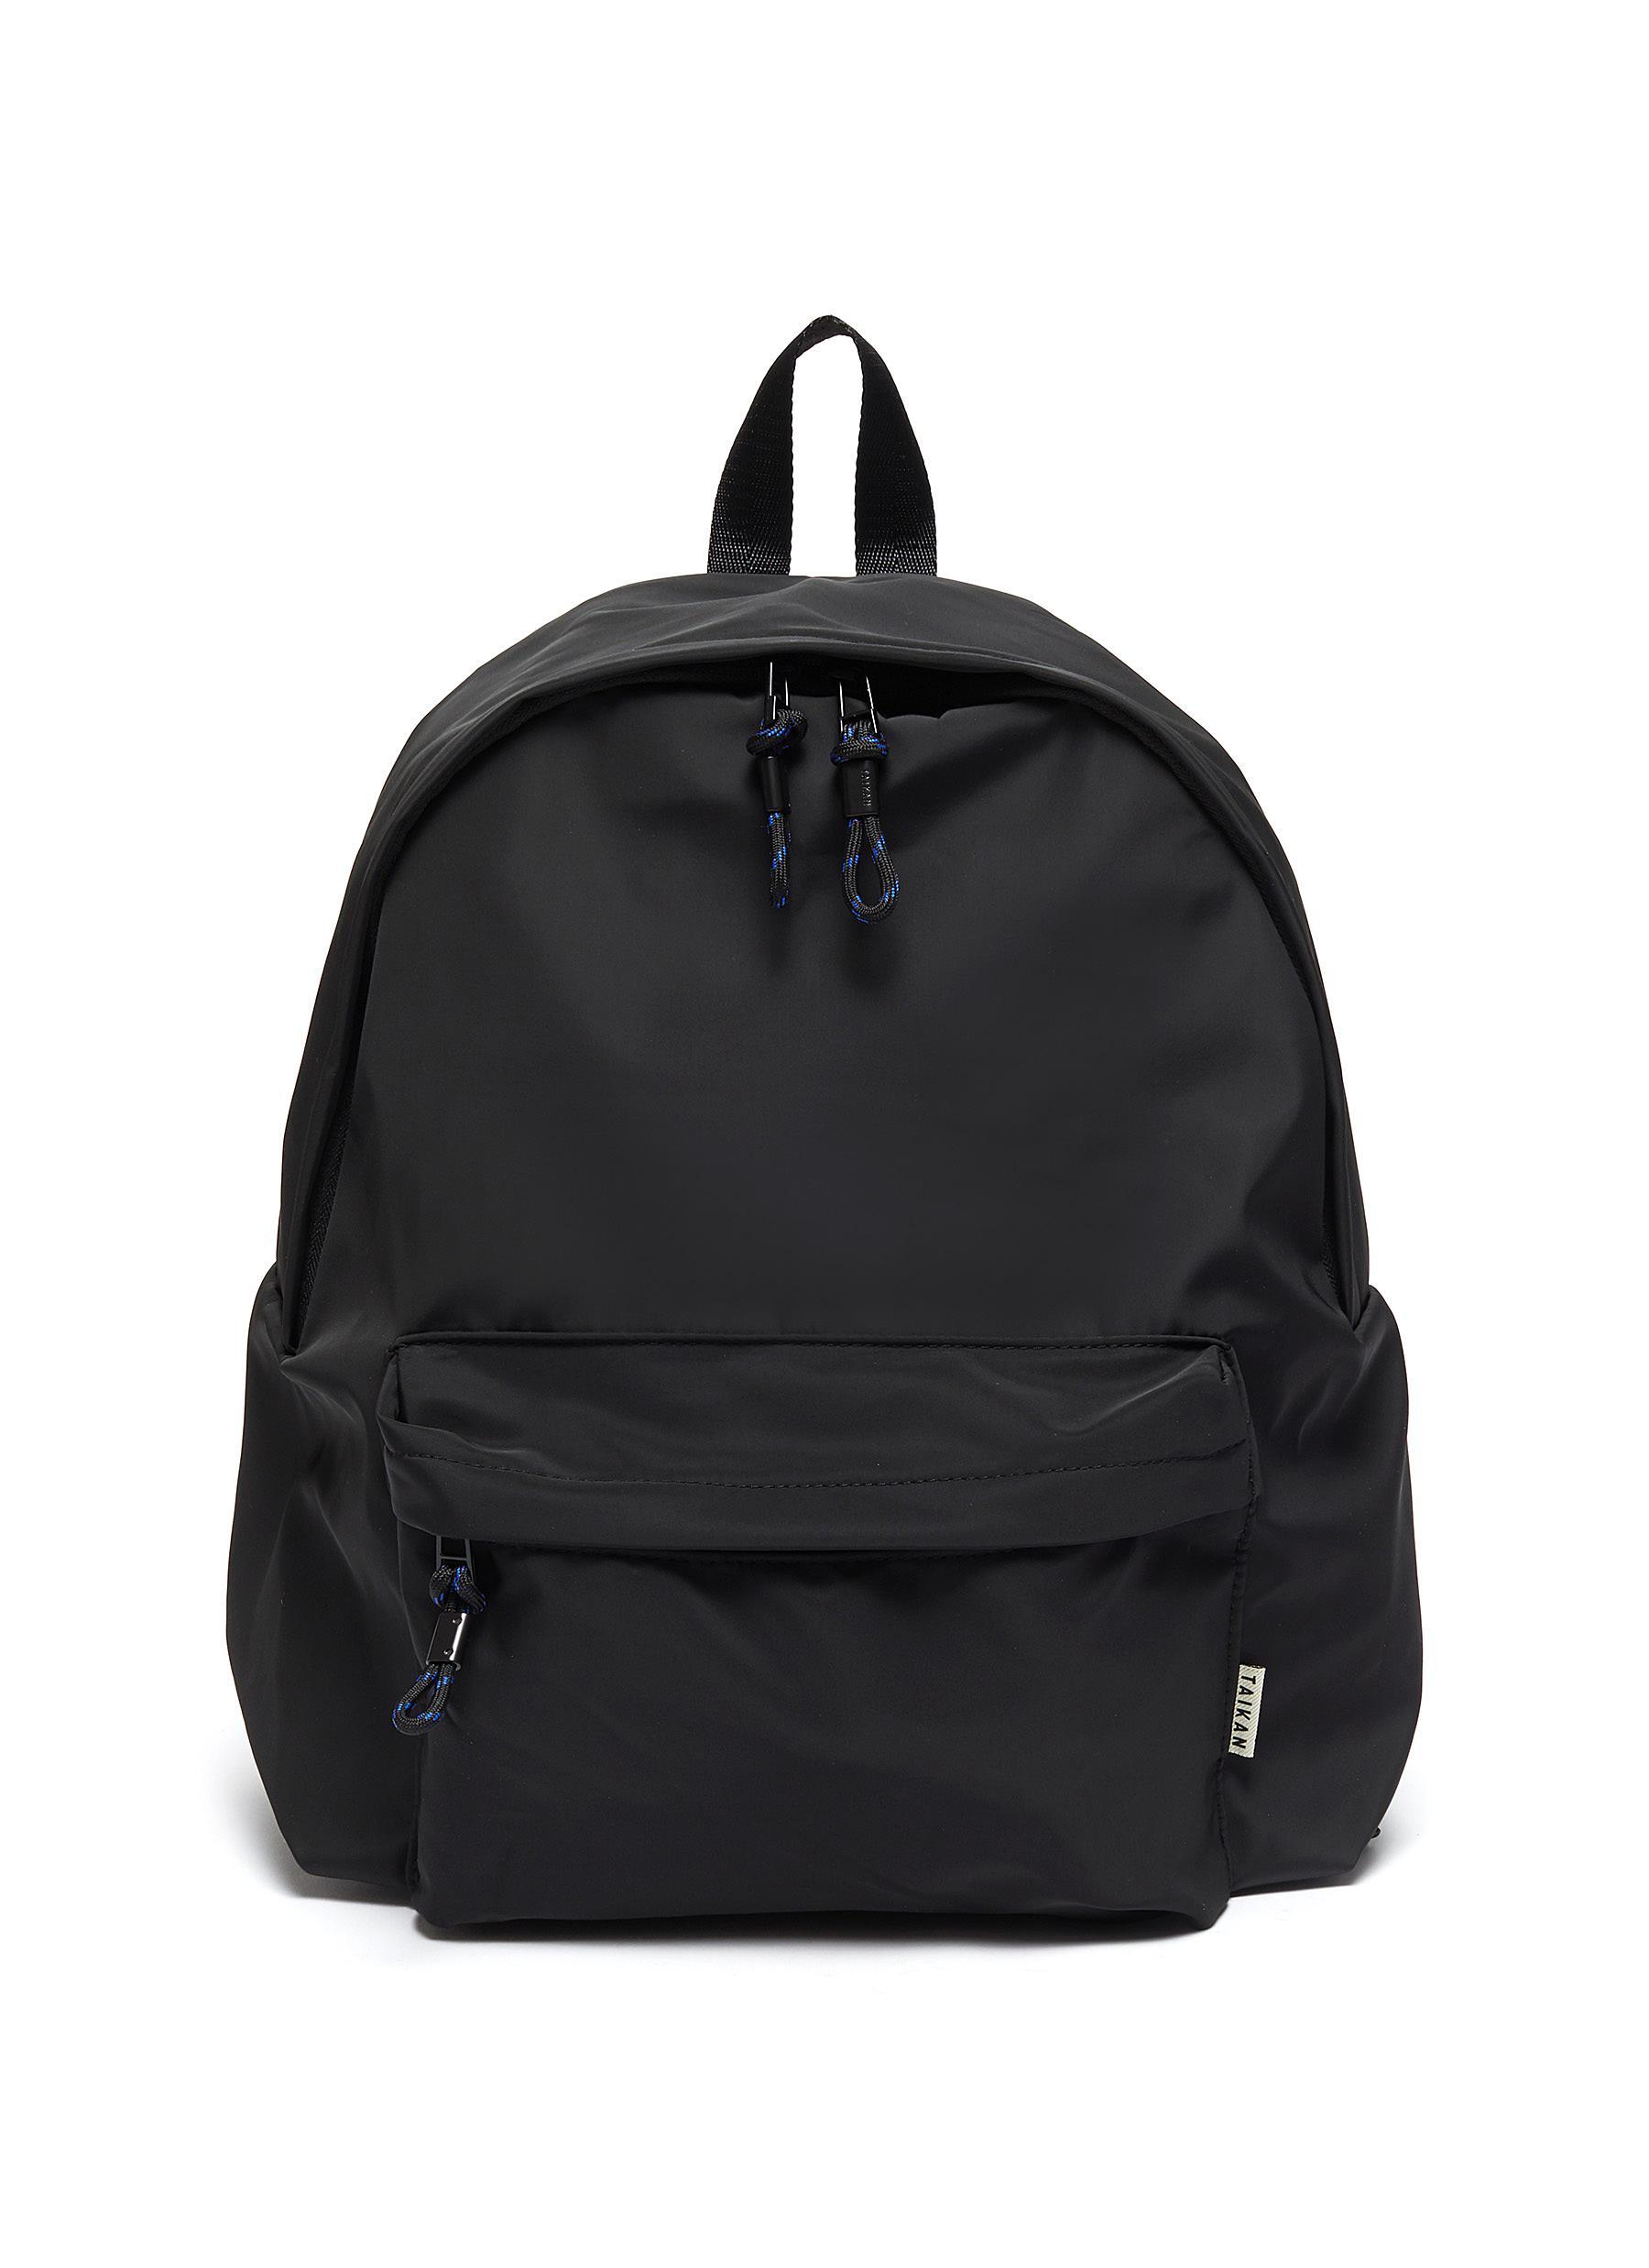 Nylon Hornet Backpack - TAIKAN - Modalova